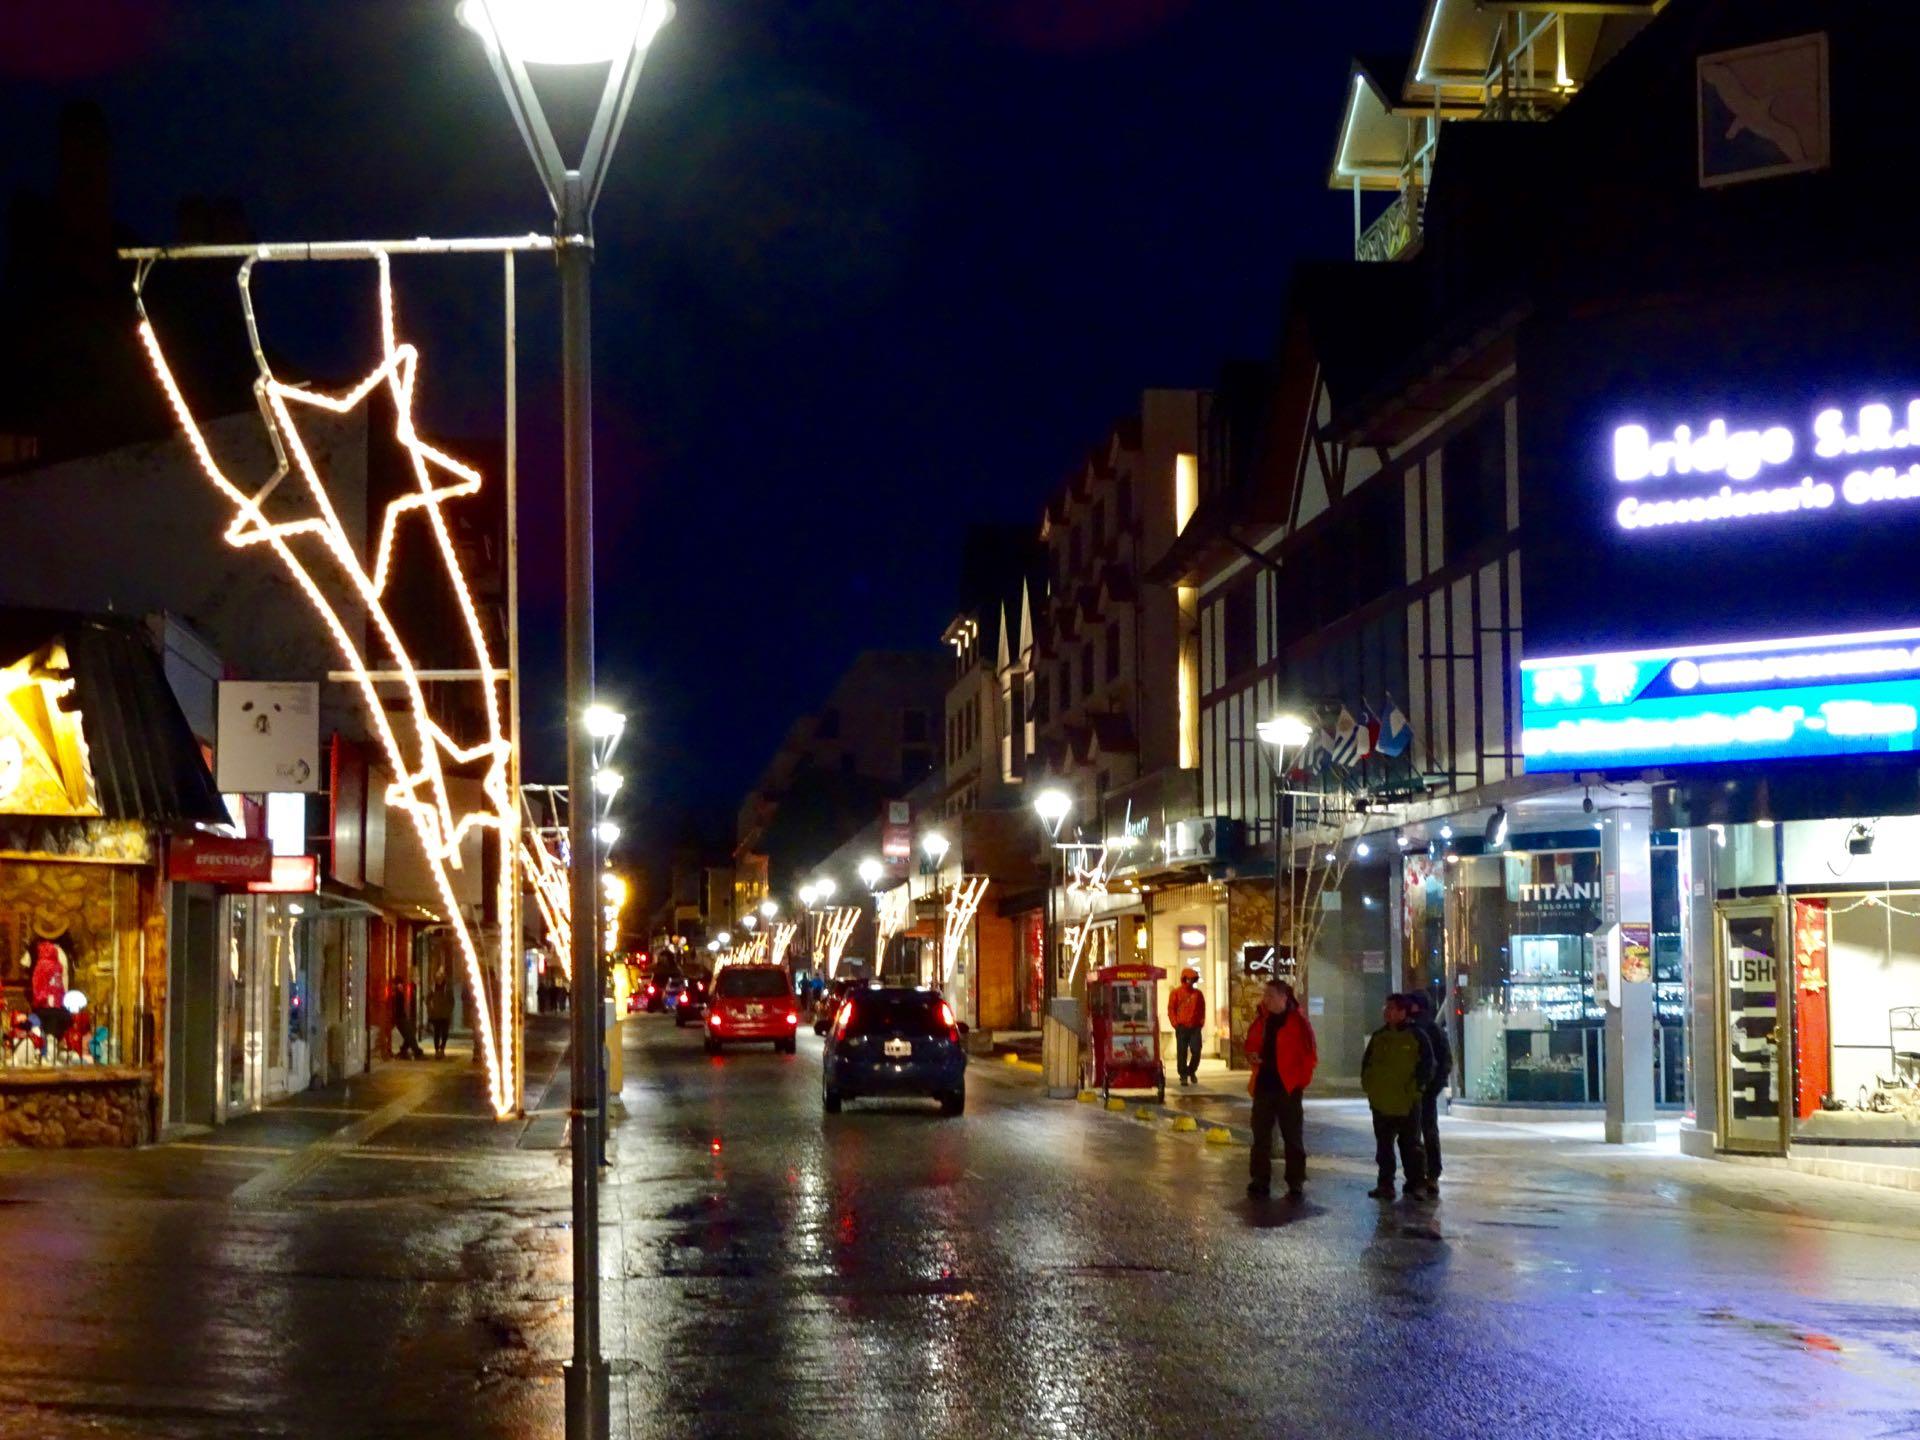 Weihnachten in Ushuaia